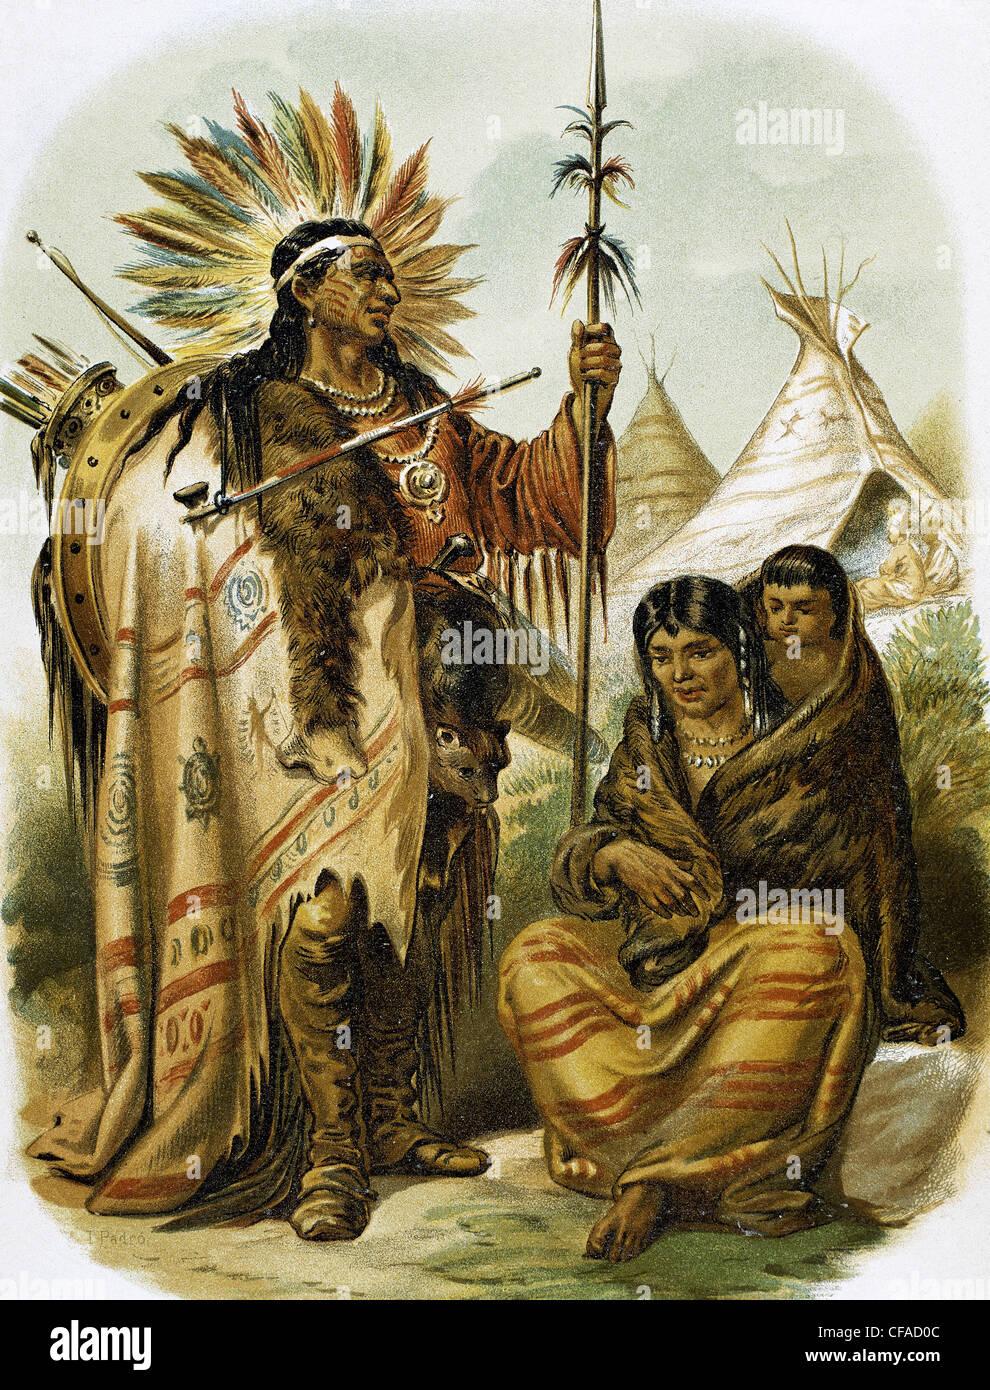 Les Indiens d'Amérique. La race rouge indien. Gravure couleur, fin du xixe siècle. Photo Stock